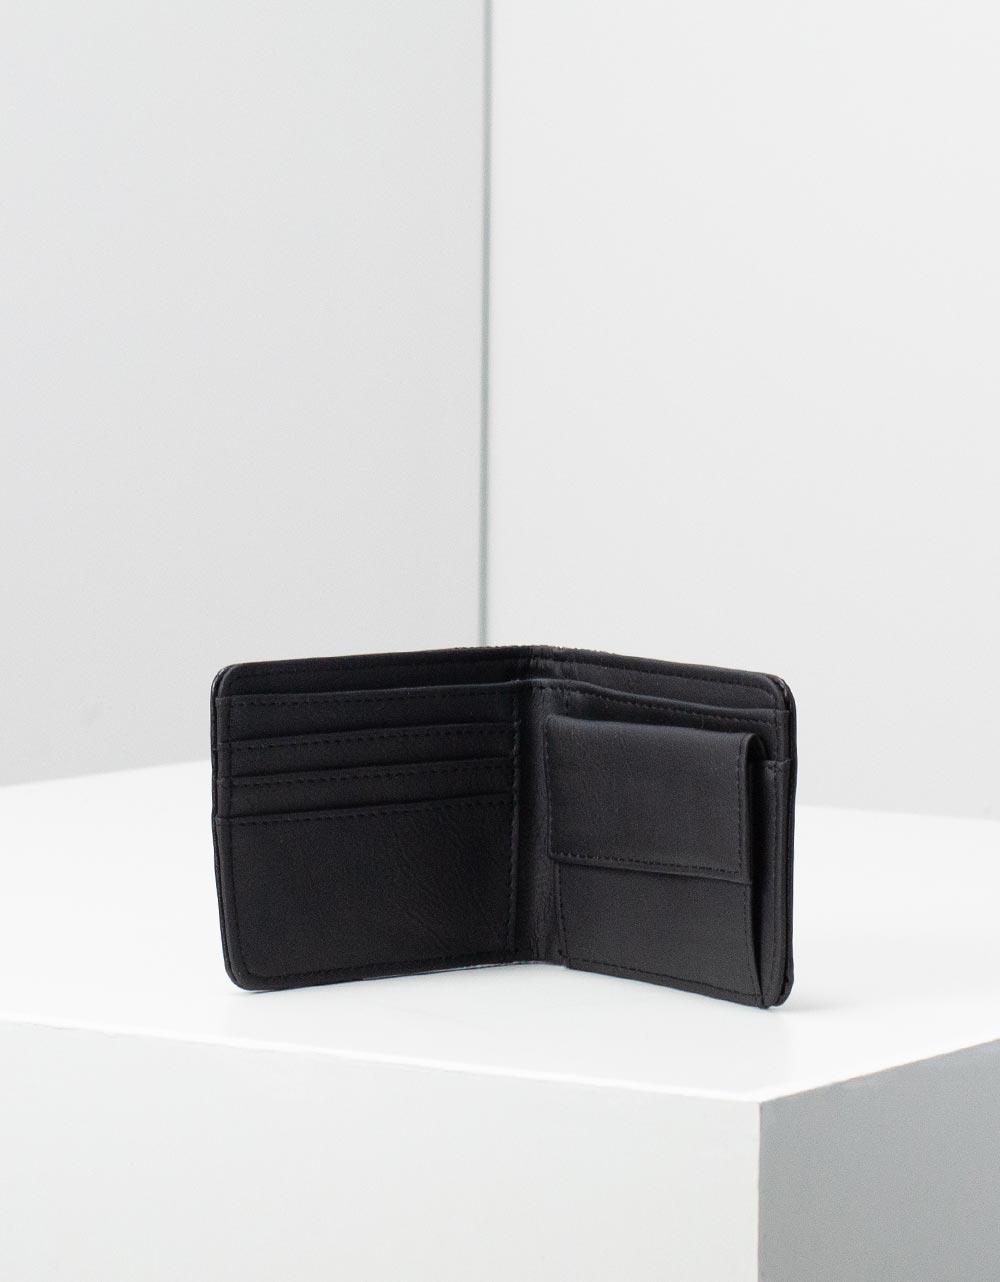 Εικόνα από Ανδρικά πορτοφόλια με ανάγλυφες λεπτομέρειες Μαύρο